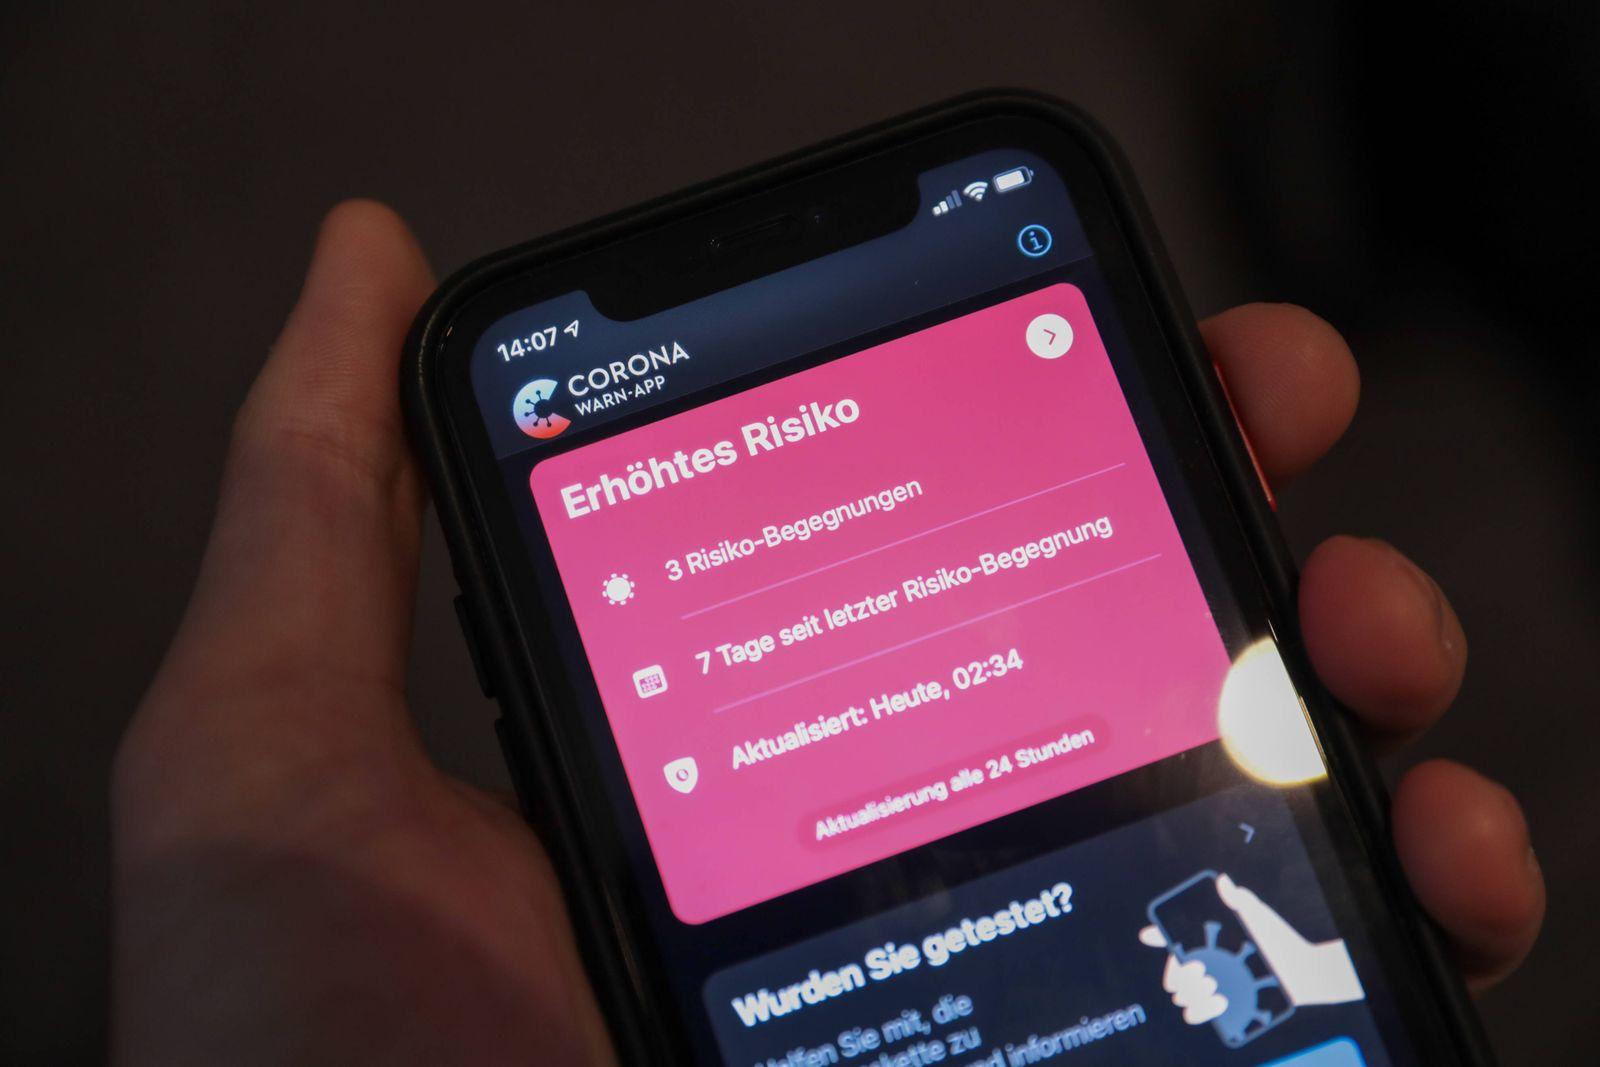 Corona WarnApp Auf dem Smartphone zeigt die Corona Warnapp ein erhöhtes Risiko an, nachdem drei Risiko-Begegnungen regi